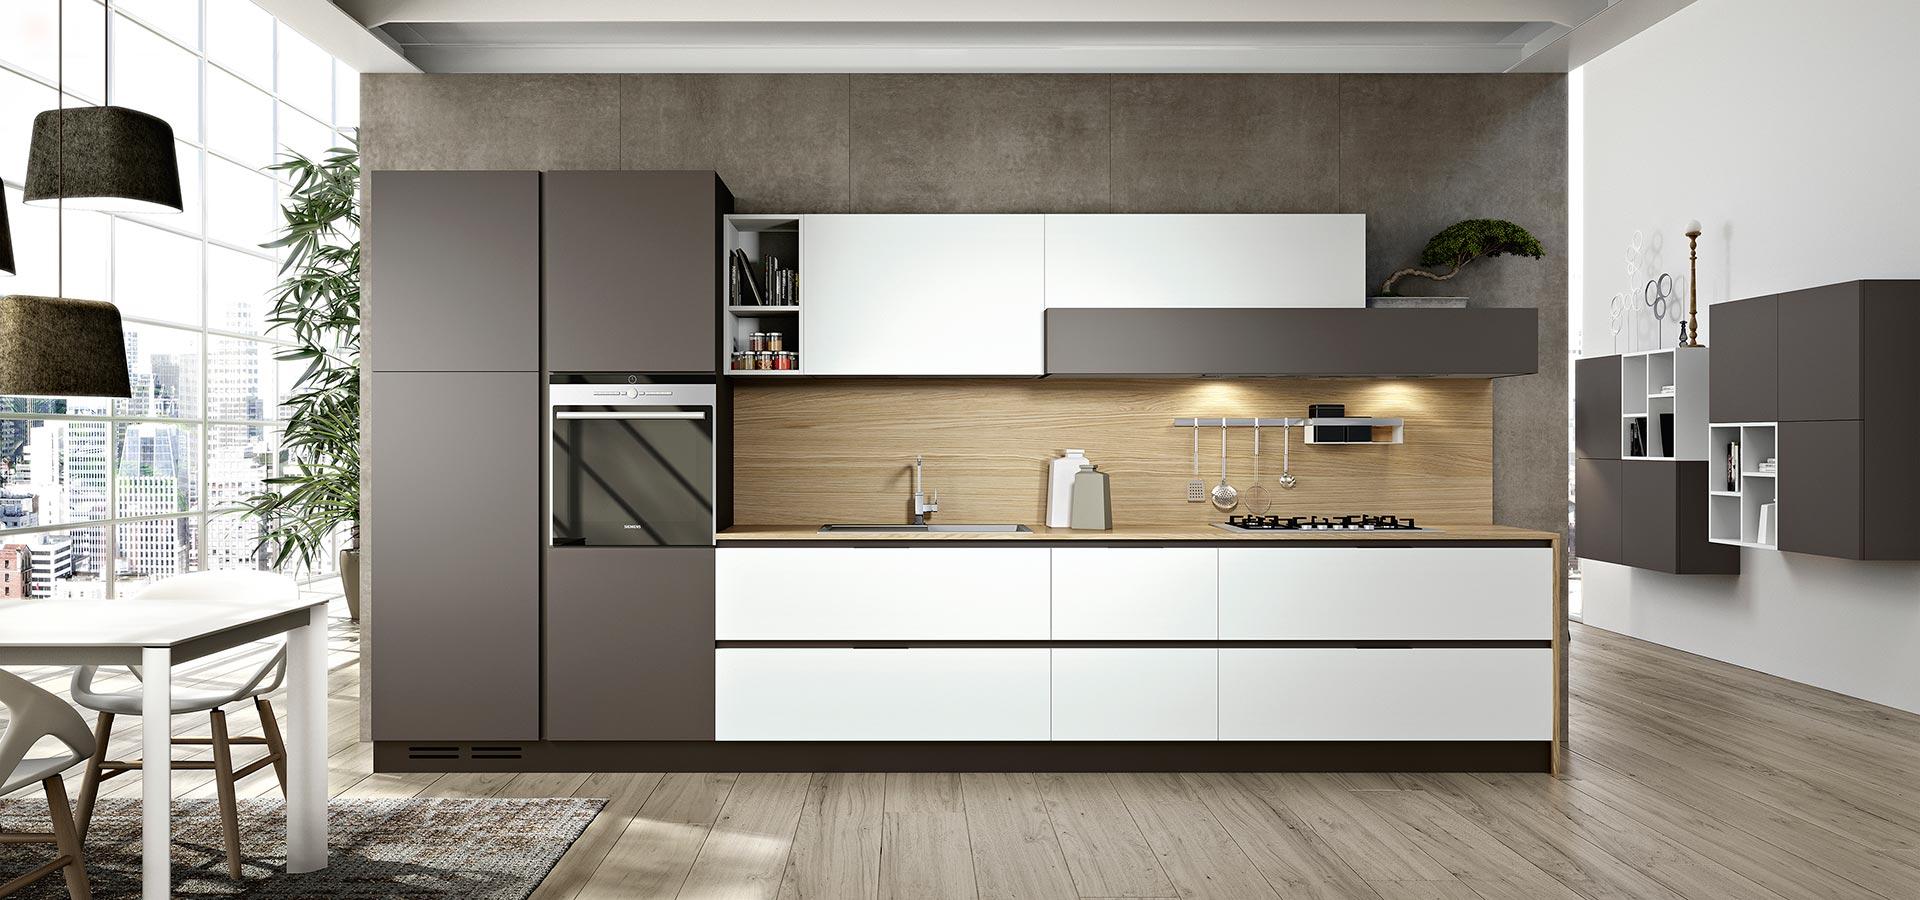 Cuisines Design | Alessi Cerame